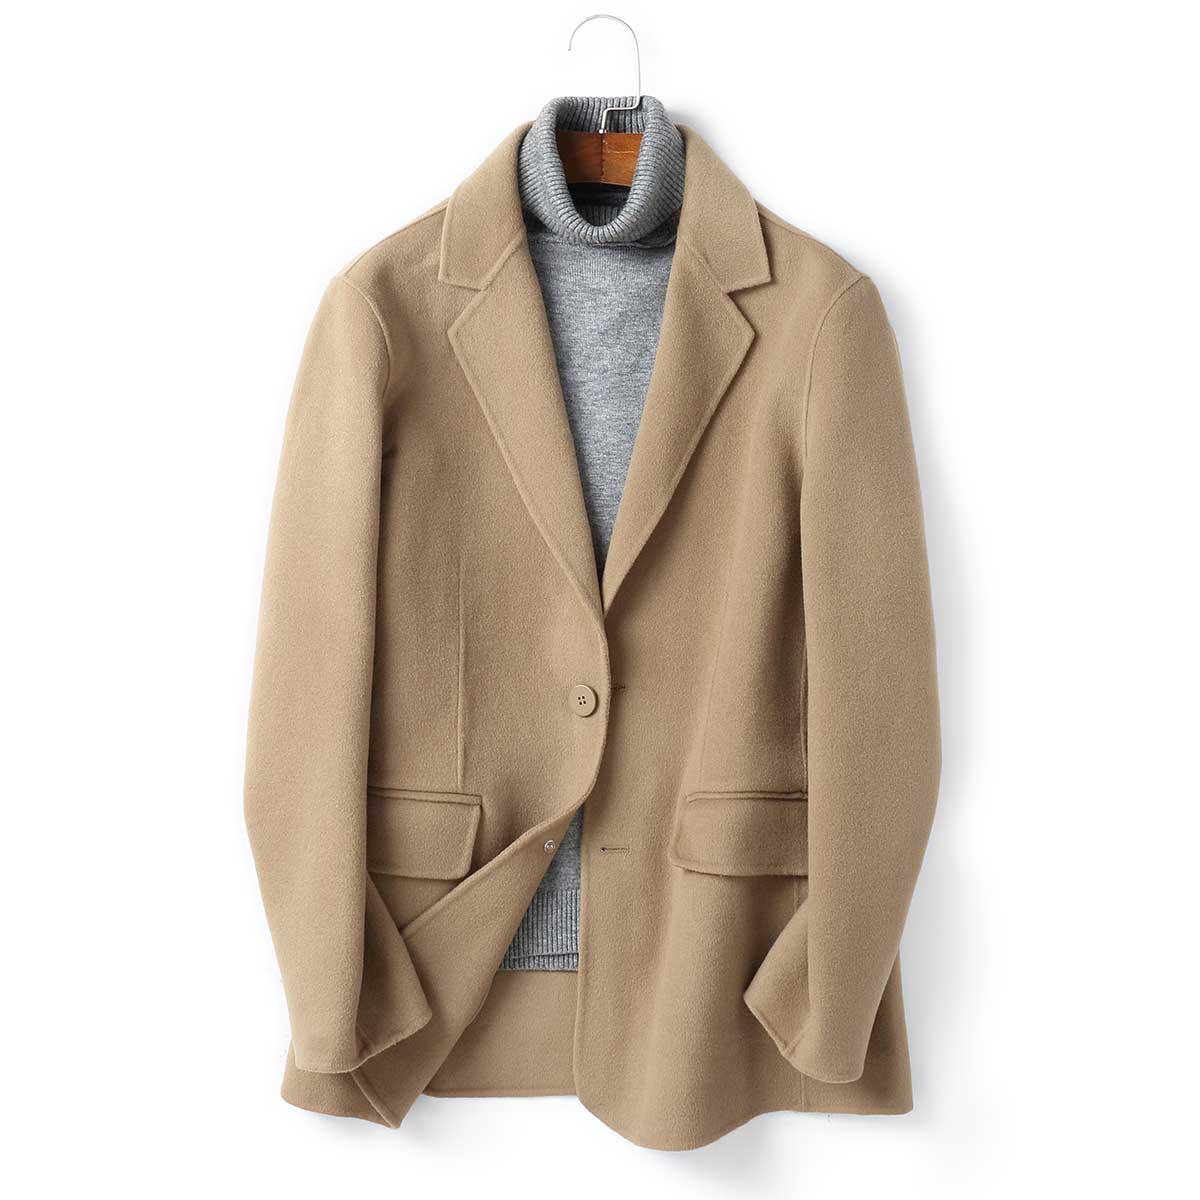 【100%羊毛】春季新款毛呢大衣男短款西服西装上衣双面呢外套